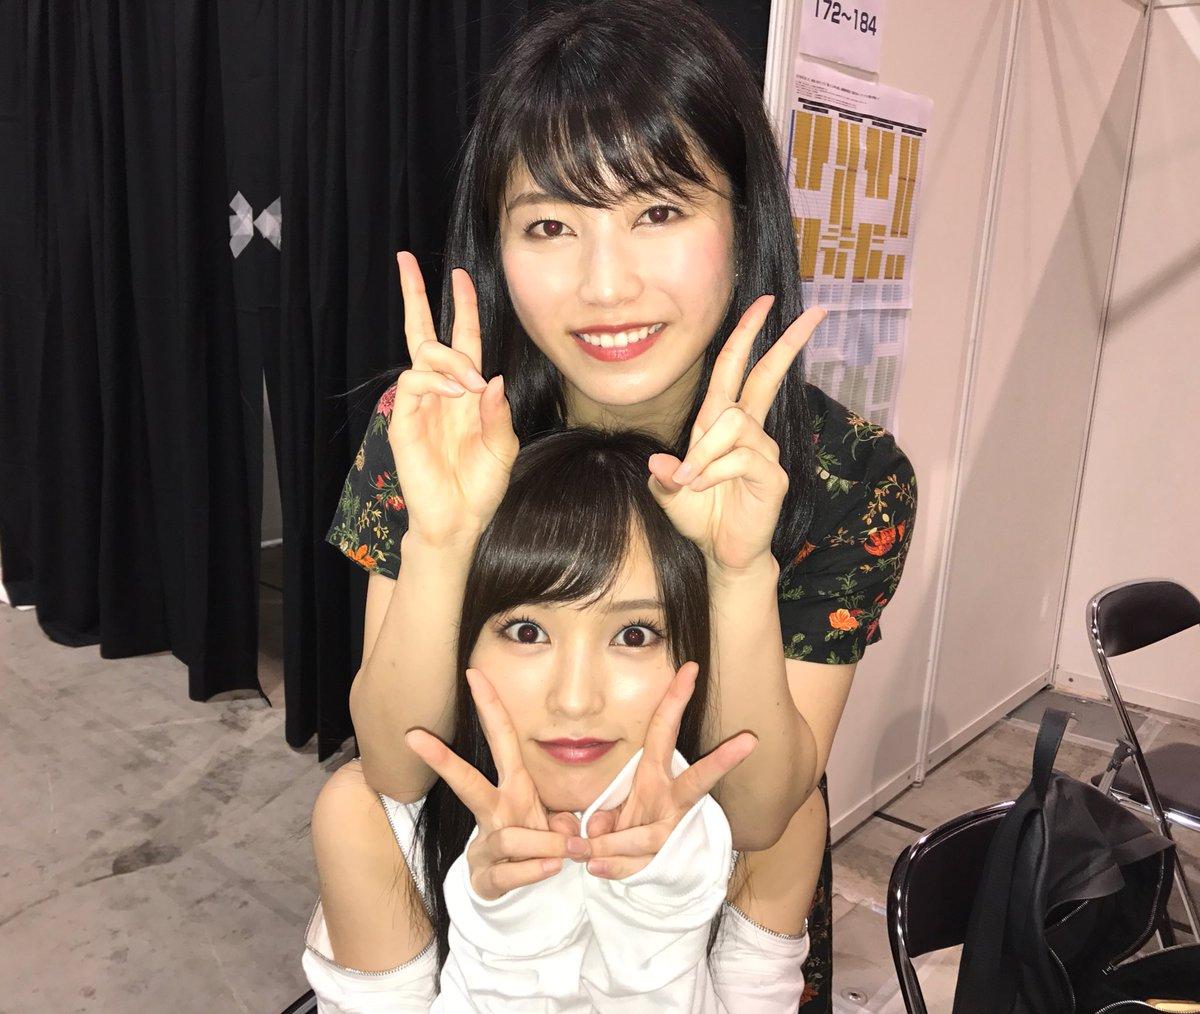 大阪握手会2日間ありがとうございました!!  大阪といえばさや姉(2日連続2回目)